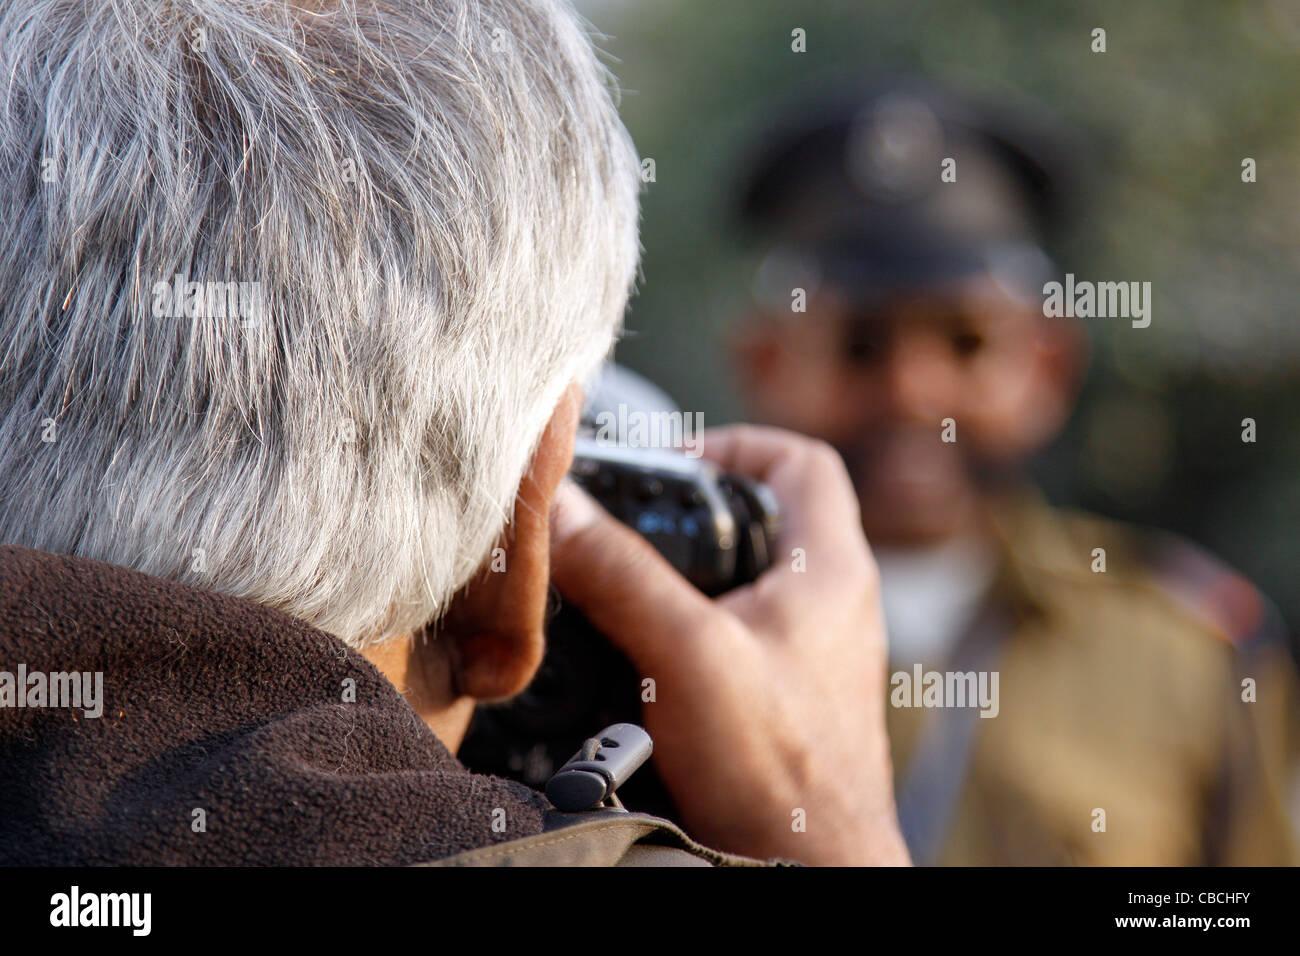 Telecamera, obiettivo riprese, tiro, fotografo, Photo Shoot, temi fotografici, reportage. ,Natura, avventura.Photo Immagini Stock